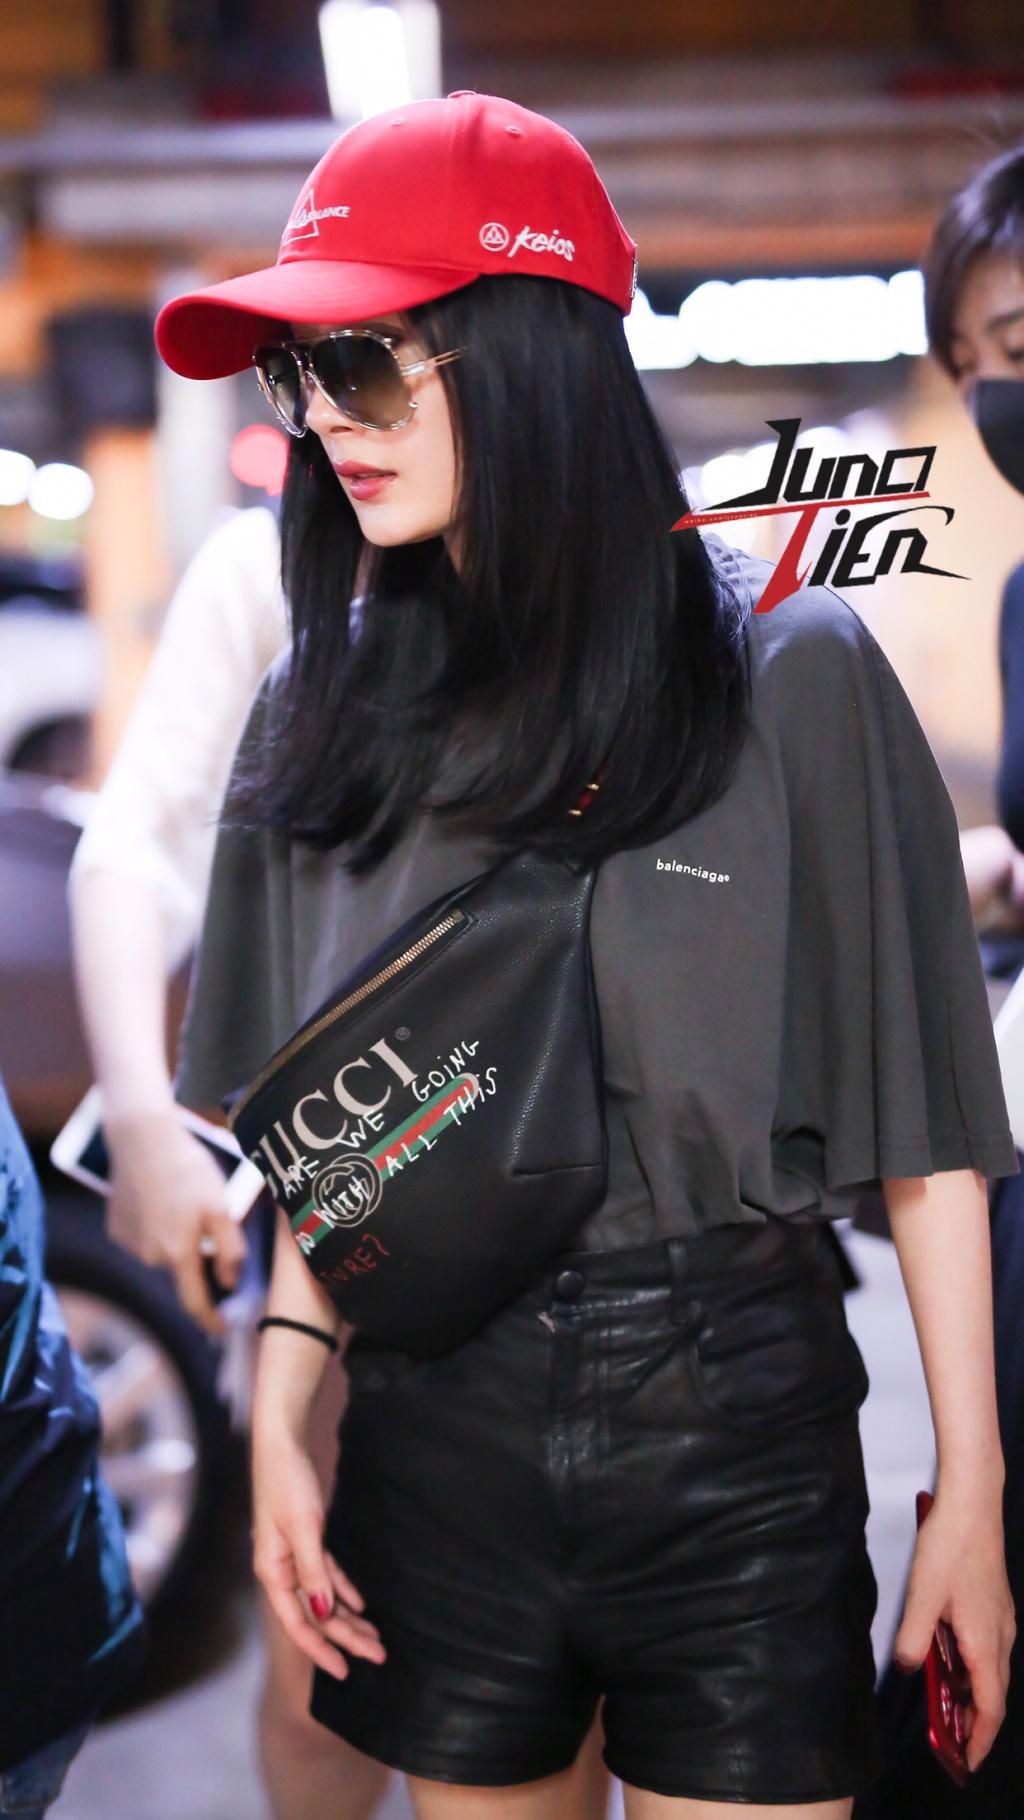 Nổi tiếng mặc đẹp nhưng Dương Mịch cũng từng có vô số pha mặc lỗi chẳng muốn nhìn lại như thế này - Ảnh 3.